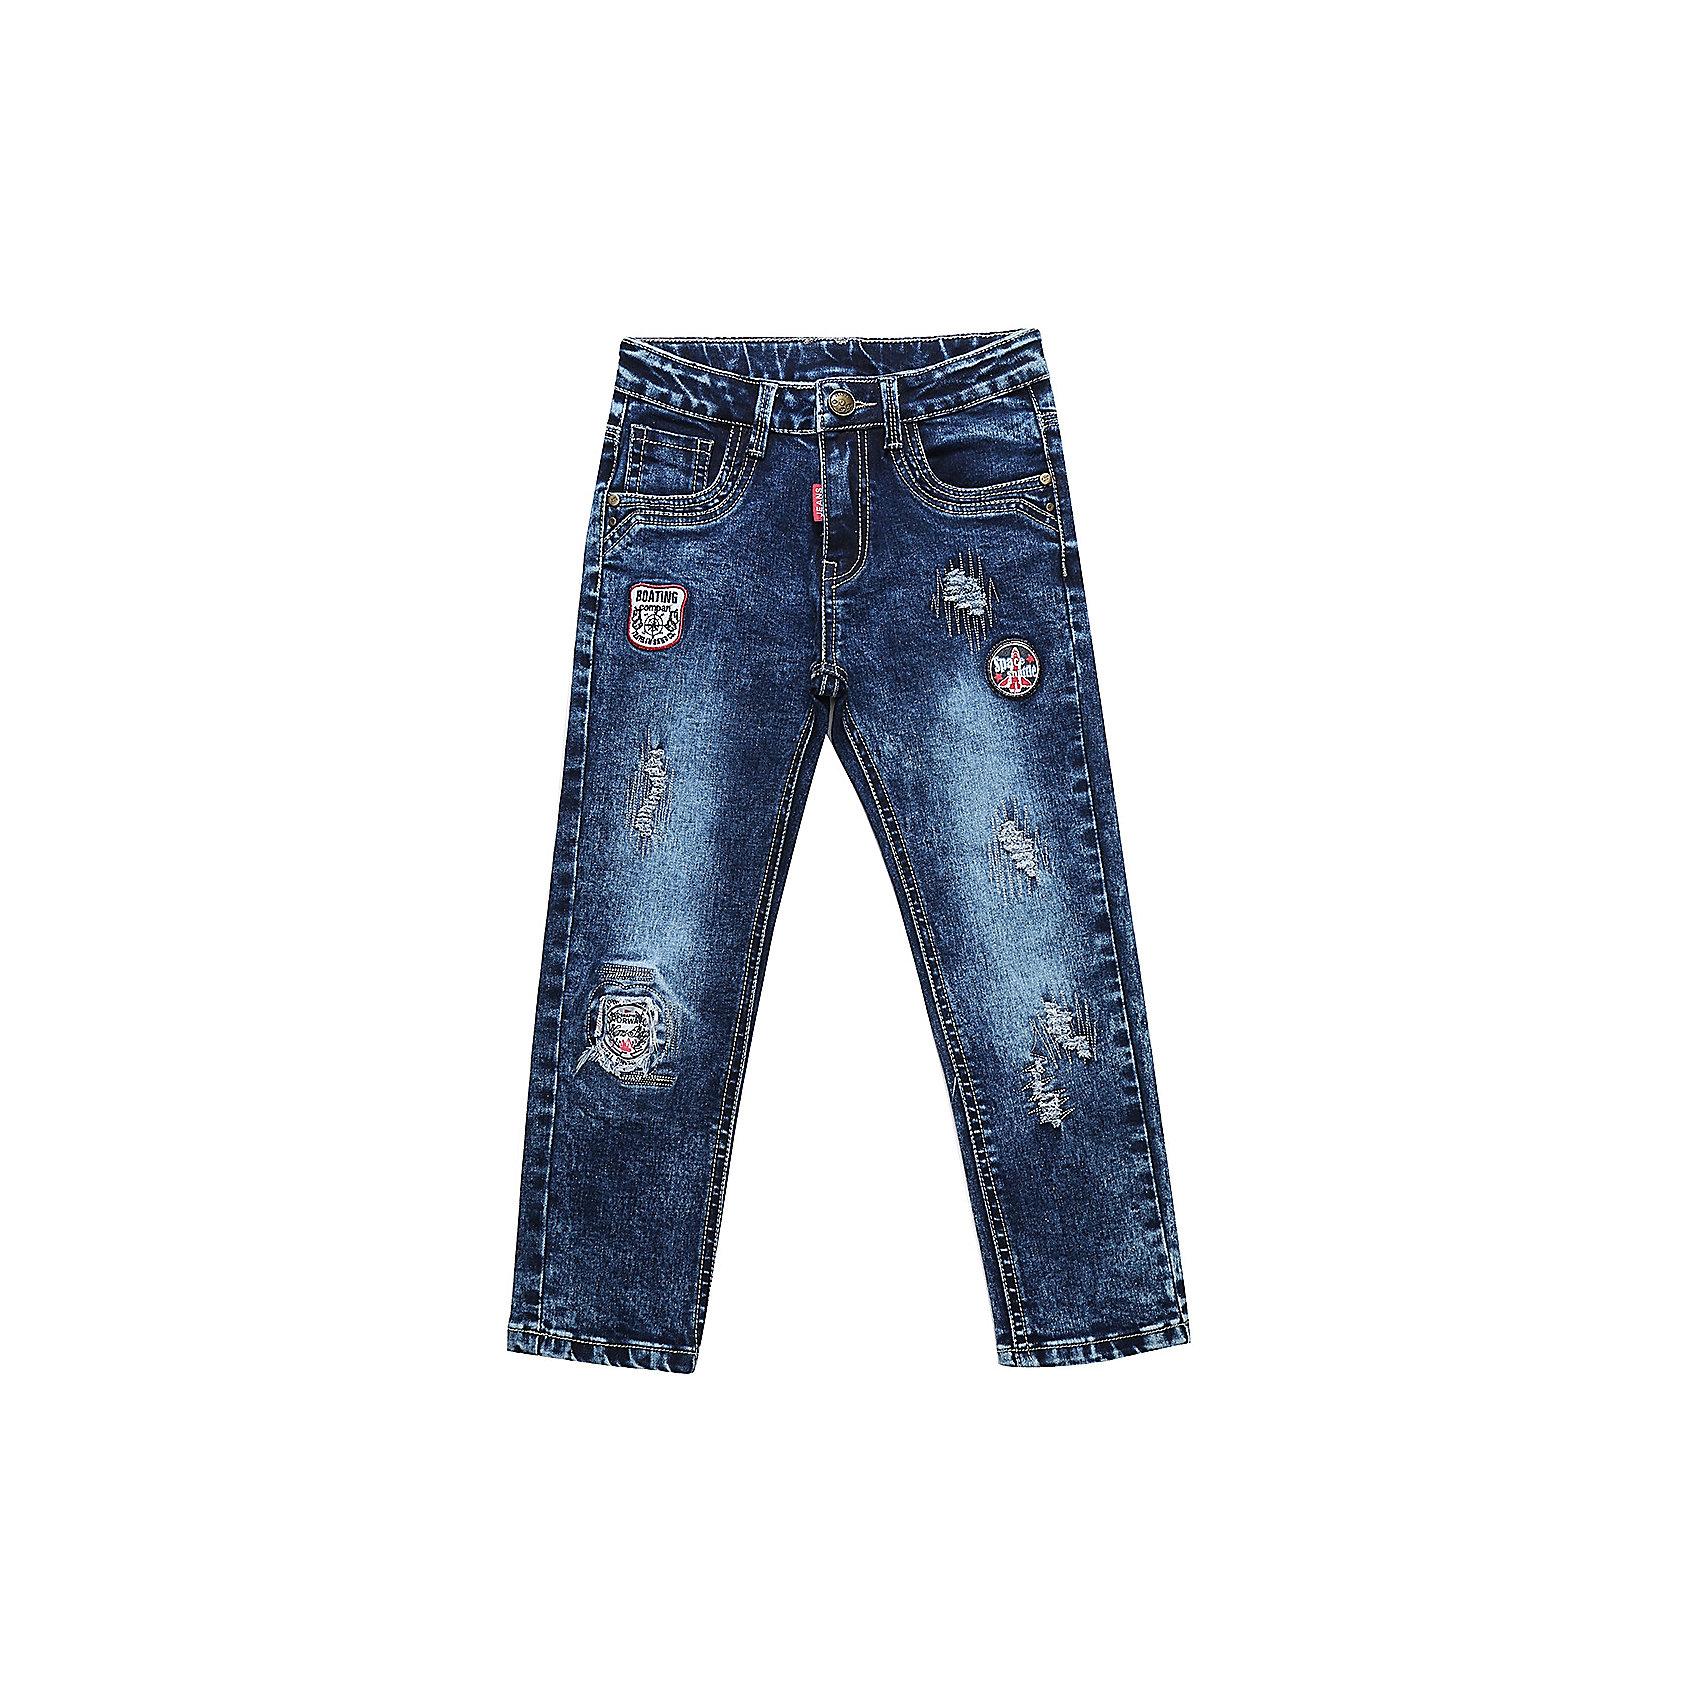 Брюки Sweet Berry для мальчикаДжинсы<br>Брюки Sweet Berry для мальчика<br>Ультрамодные джинсовые брюки для мальчика. Декорированы оригинальной варкой, потёртостями и аппликацией. Зауженный крой, средняя посадка. Застегиваются на молнию и крючок. Шлевки на поясе рассчитаны под ремень. В боковой части пояса находятся вшитые эластичные ленты, регулирующие посадку по талии.<br>Состав:<br>98% хлопок, 2% спандекс<br><br>Ширина мм: 215<br>Глубина мм: 88<br>Высота мм: 191<br>Вес г: 336<br>Цвет: синий<br>Возраст от месяцев: 24<br>Возраст до месяцев: 36<br>Пол: Мужской<br>Возраст: Детский<br>Размер: 98,128,122,116,110,104<br>SKU: 7094720